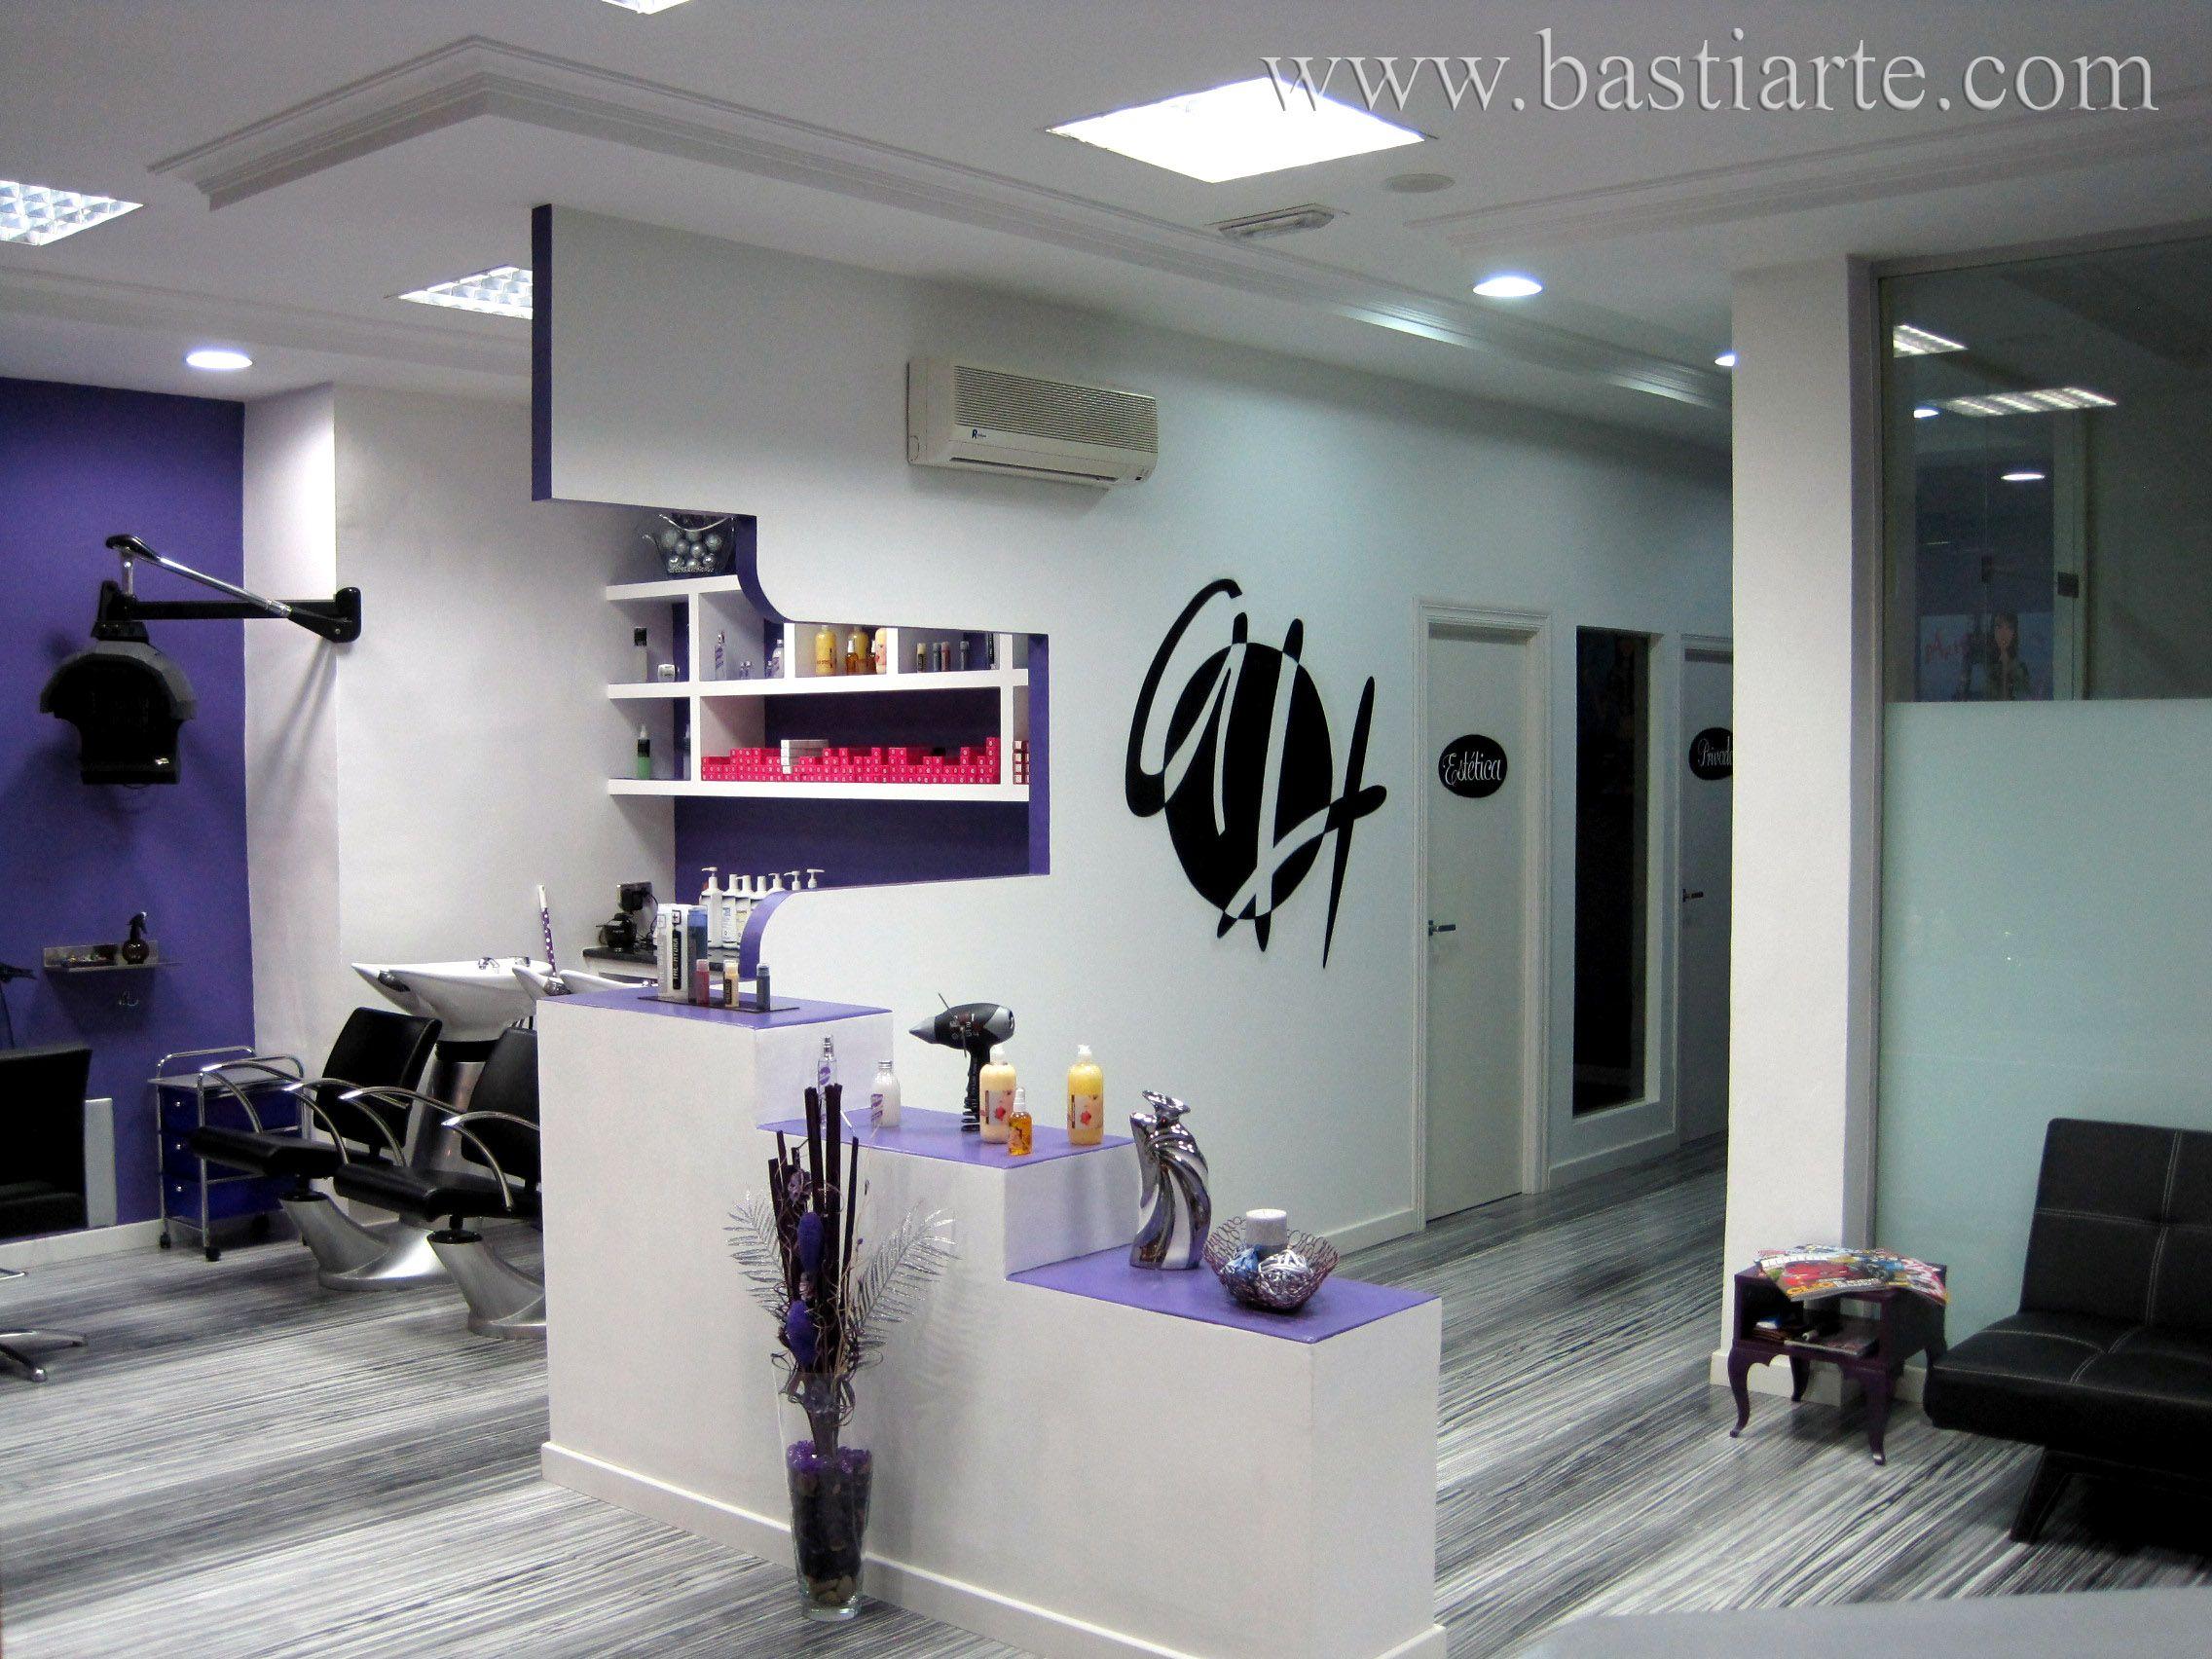 Peluquerias de dise o espacios peluquer as pinterest - Interiores de peluquerias ...